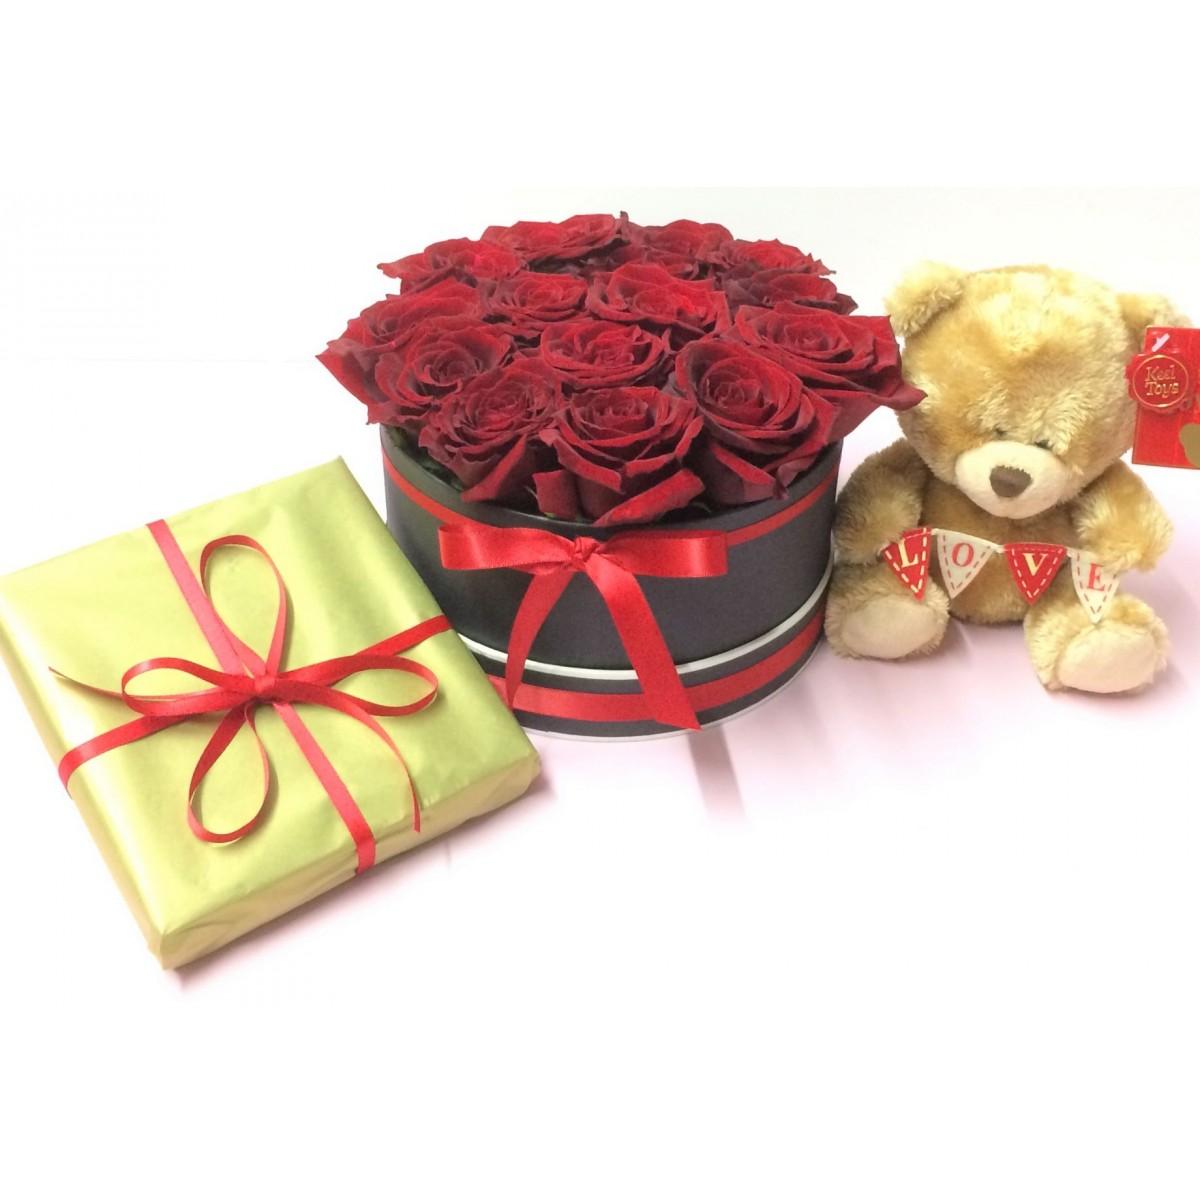 Супер Валентинка 2 - 15 рози от сапун, плюшено мече и белгийски шоколади